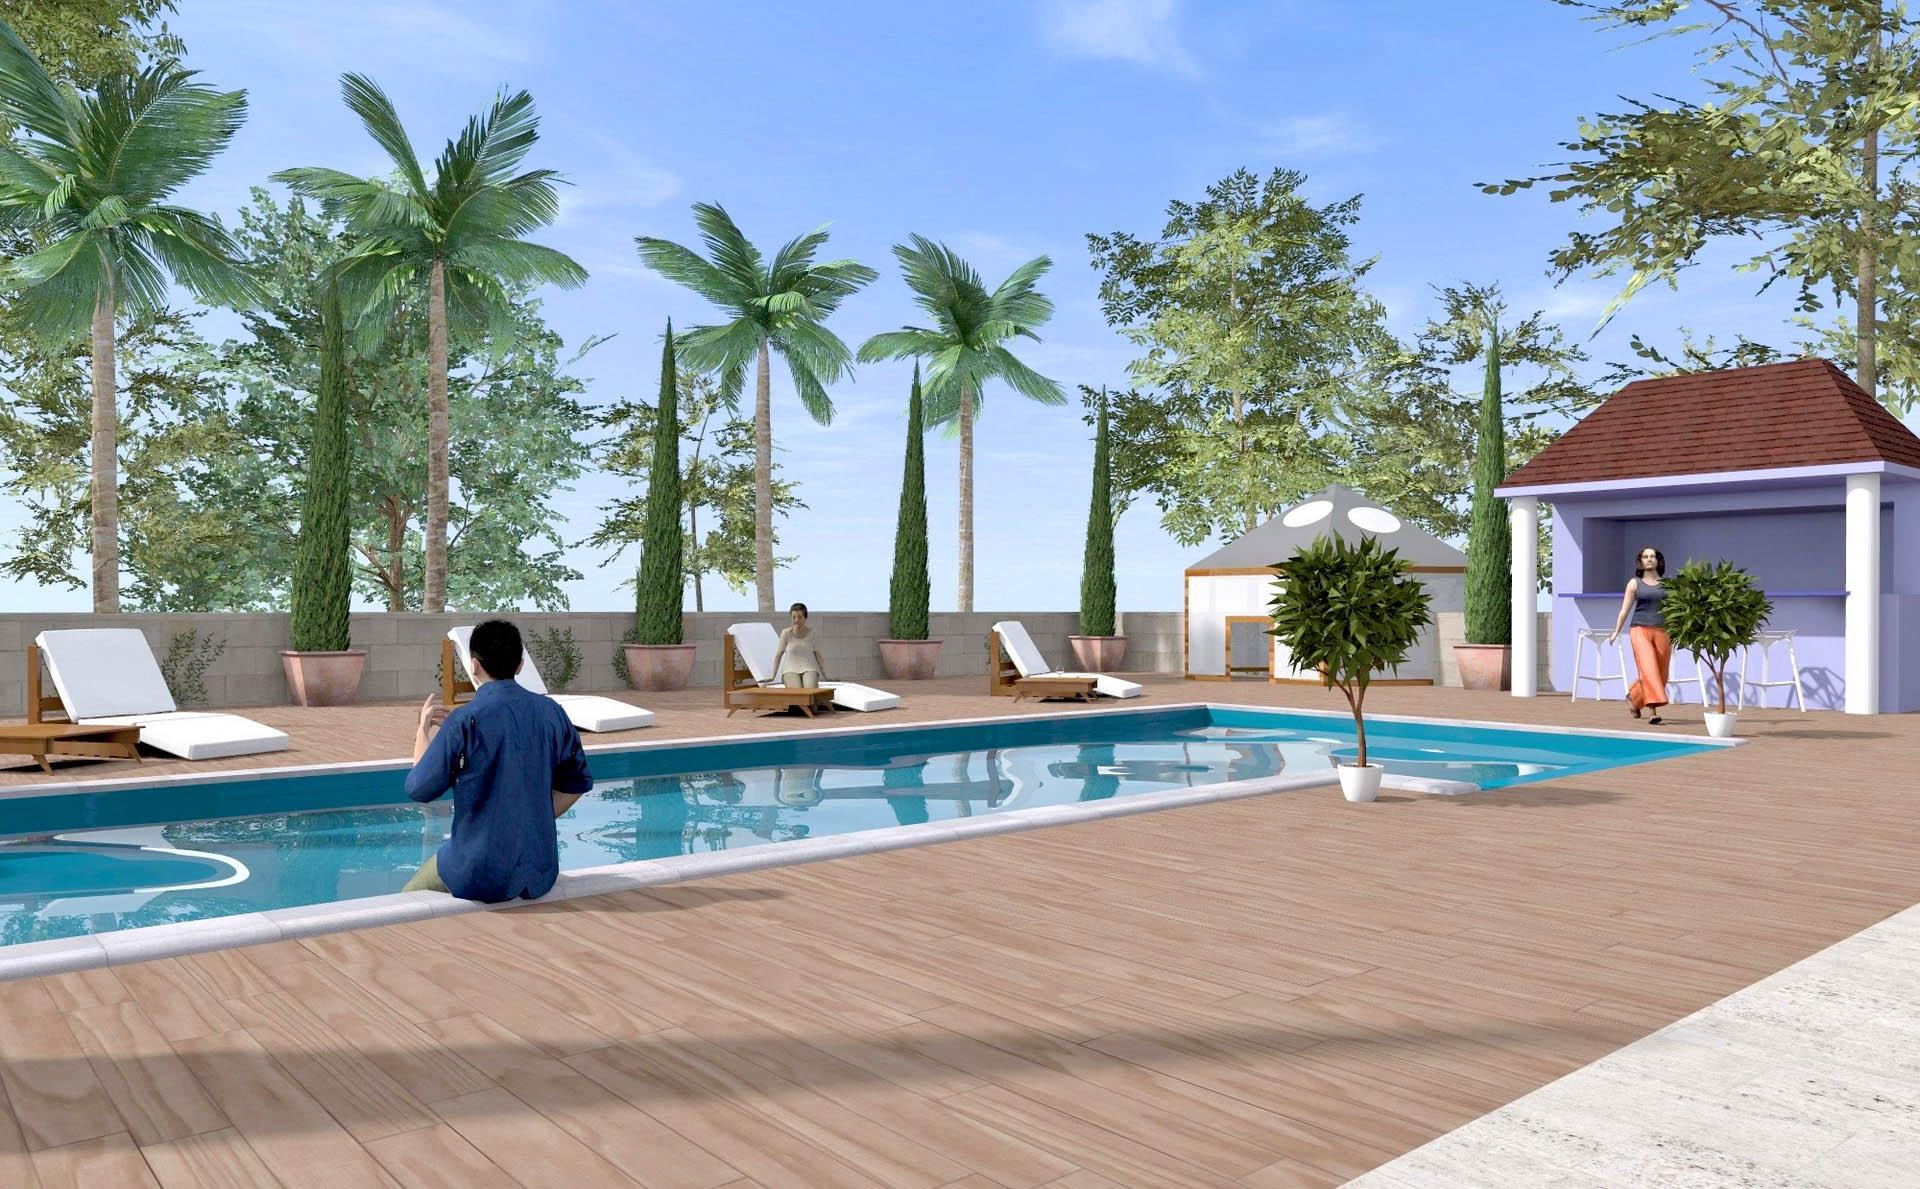 Maison avec salle spa cin ma sport piscine et golf for Piscine saint mande